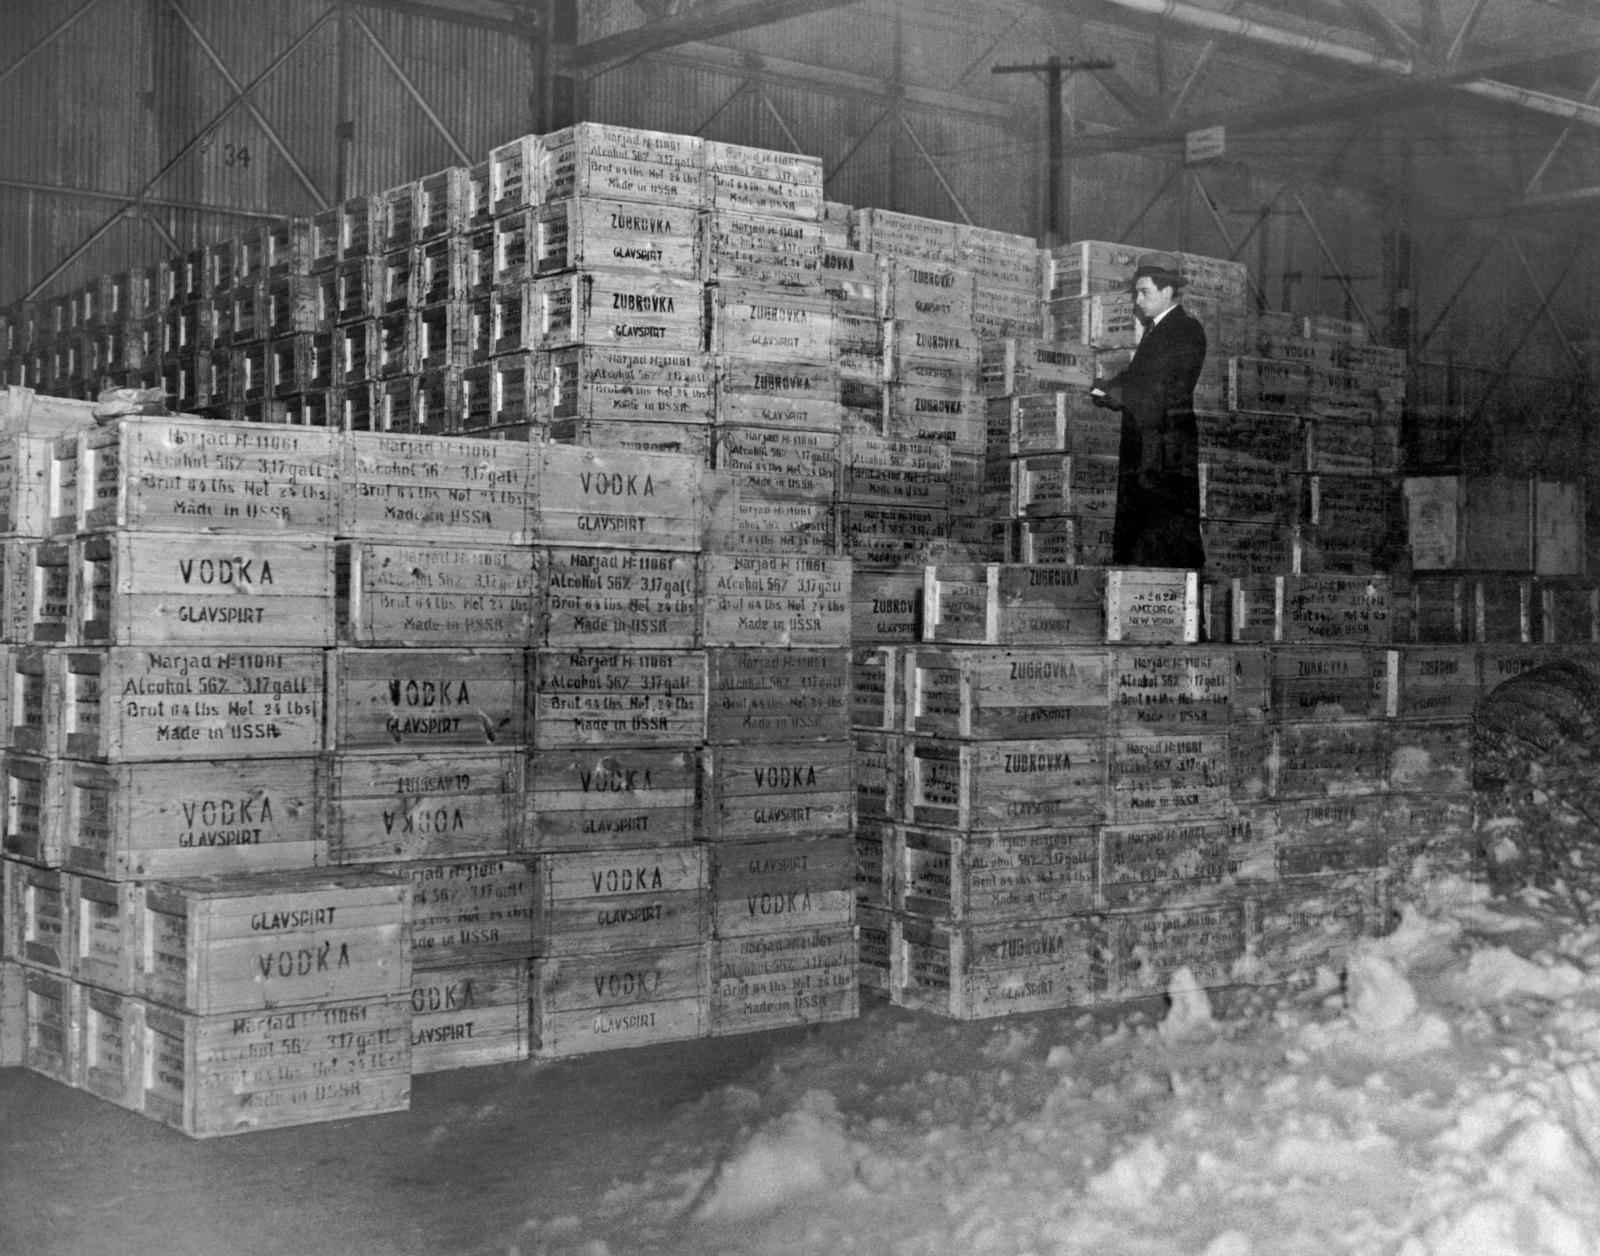 Первая партия водки из СССР после окончания действия сухого закона, Нью-Йорк, 1934 г